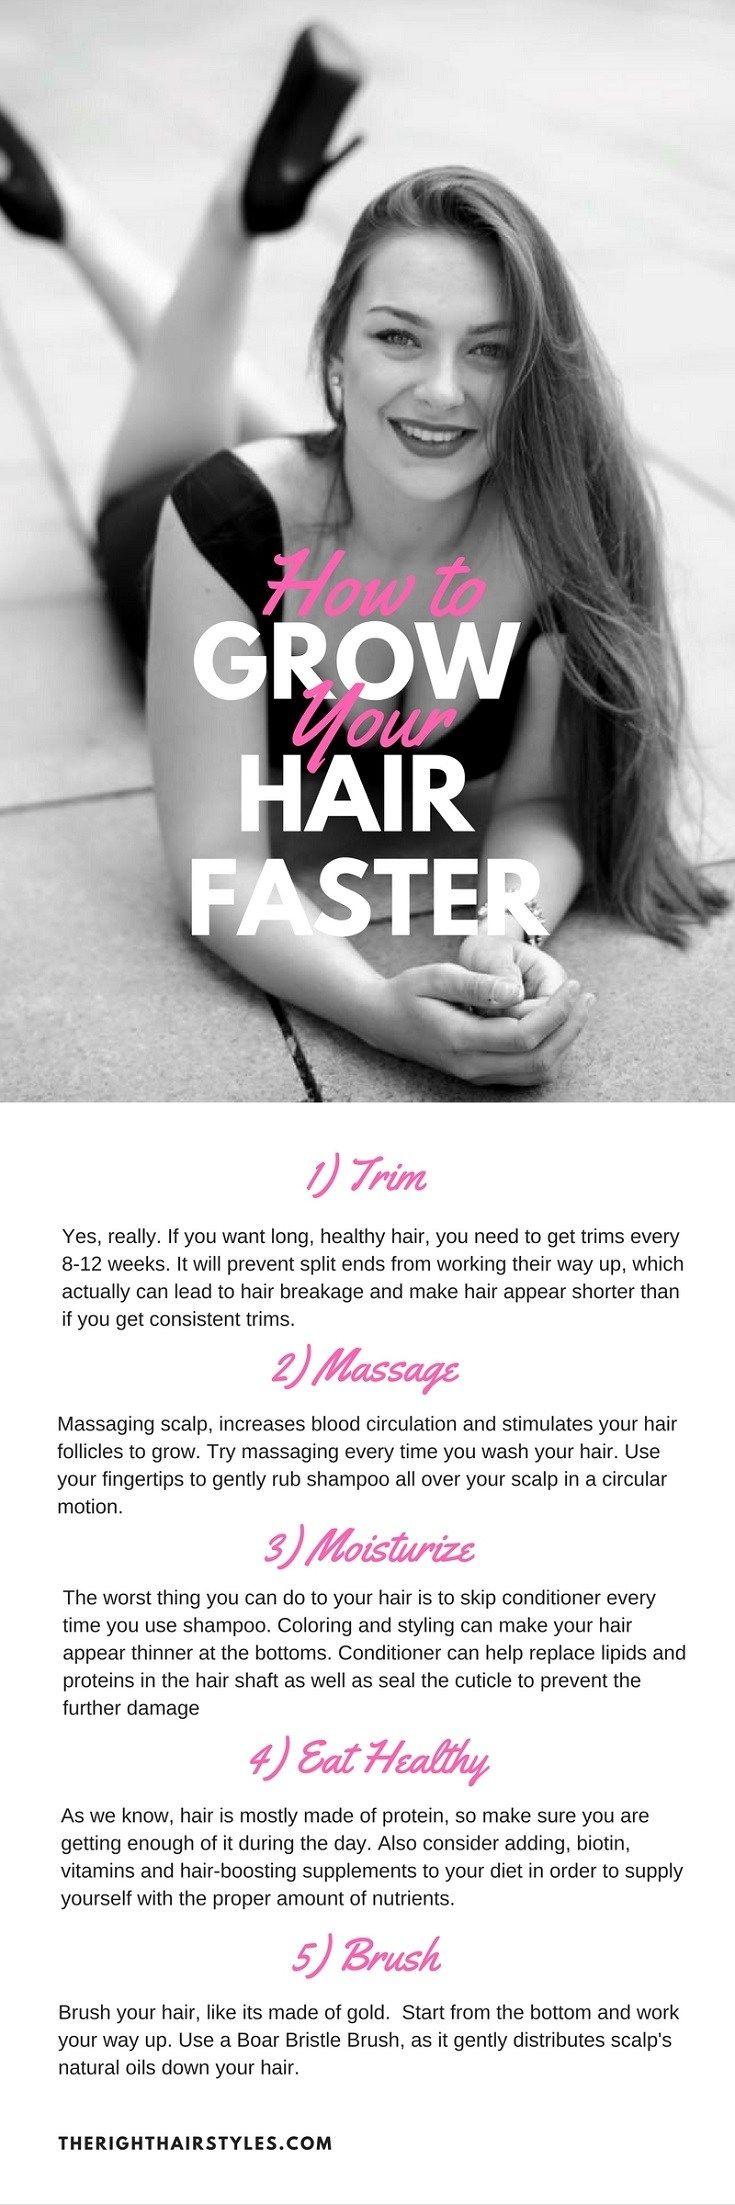 Wie Sie Ihr Haar schneller wachsen lassen